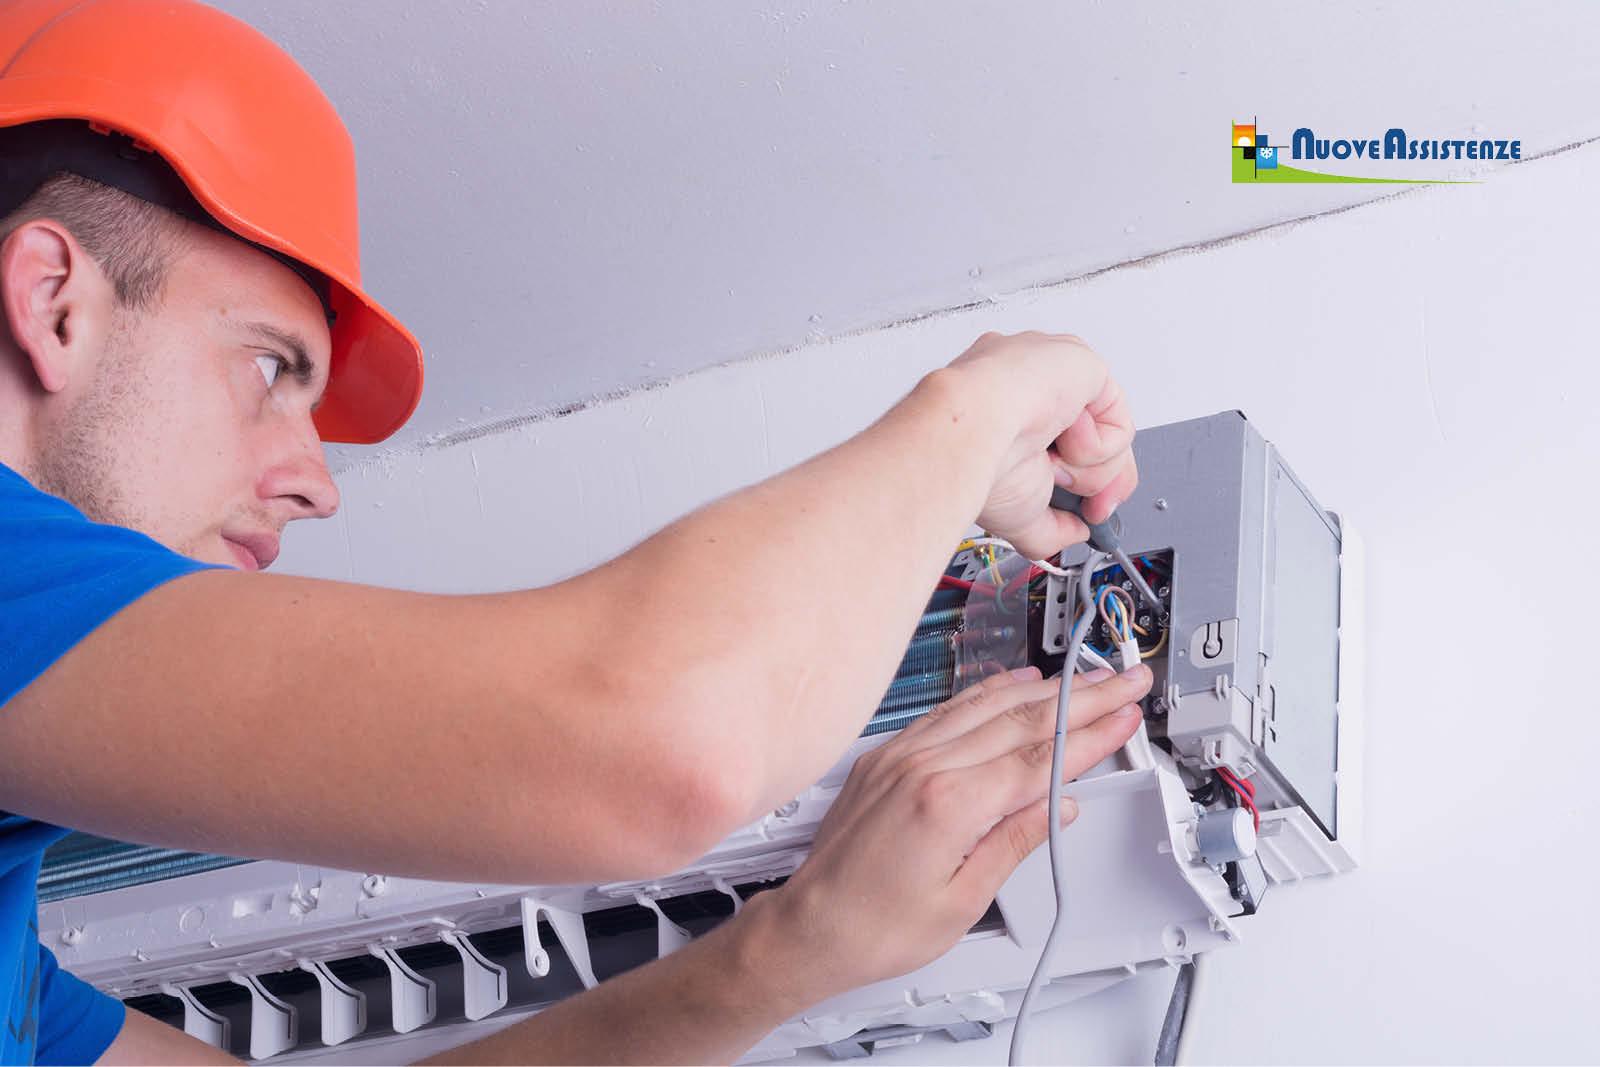 Tecnico che predispone impianto per istallazione aria condizionata